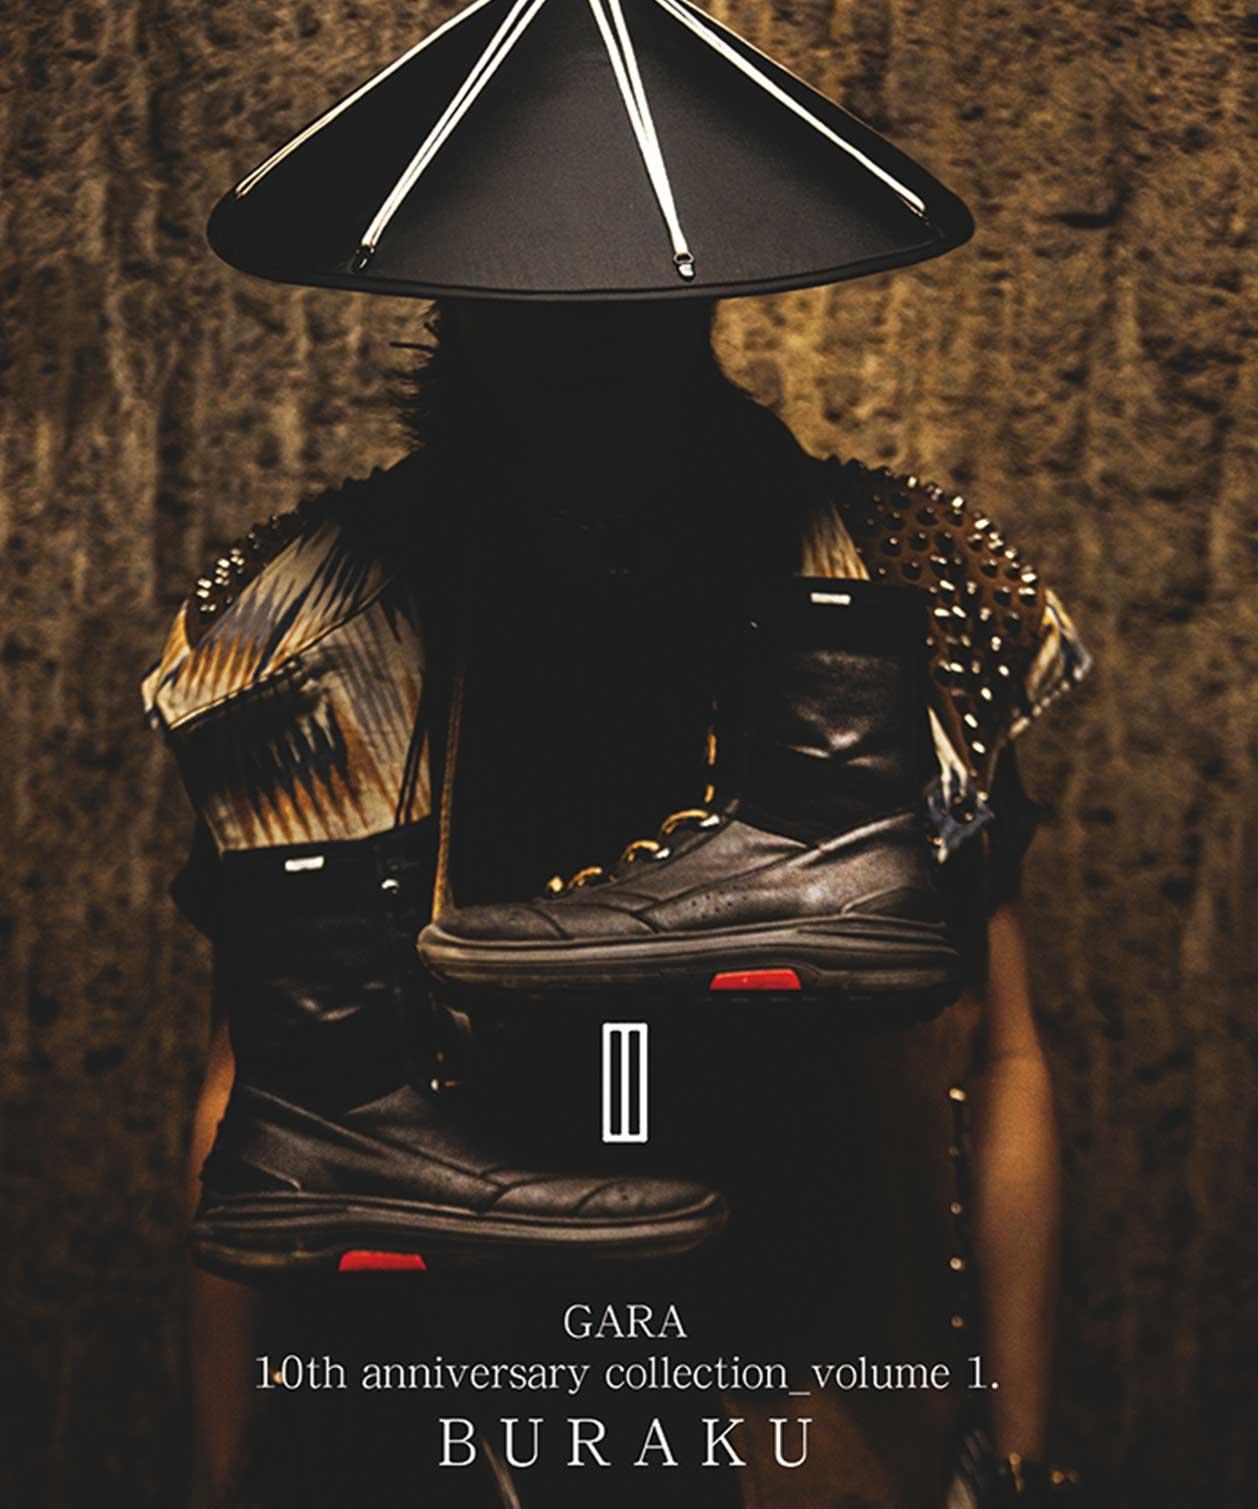 COMMON WARE(コモンウェア)のショップニュース「GARA 10th anniversary collection VOL.1 期間限定予約会開始! 」